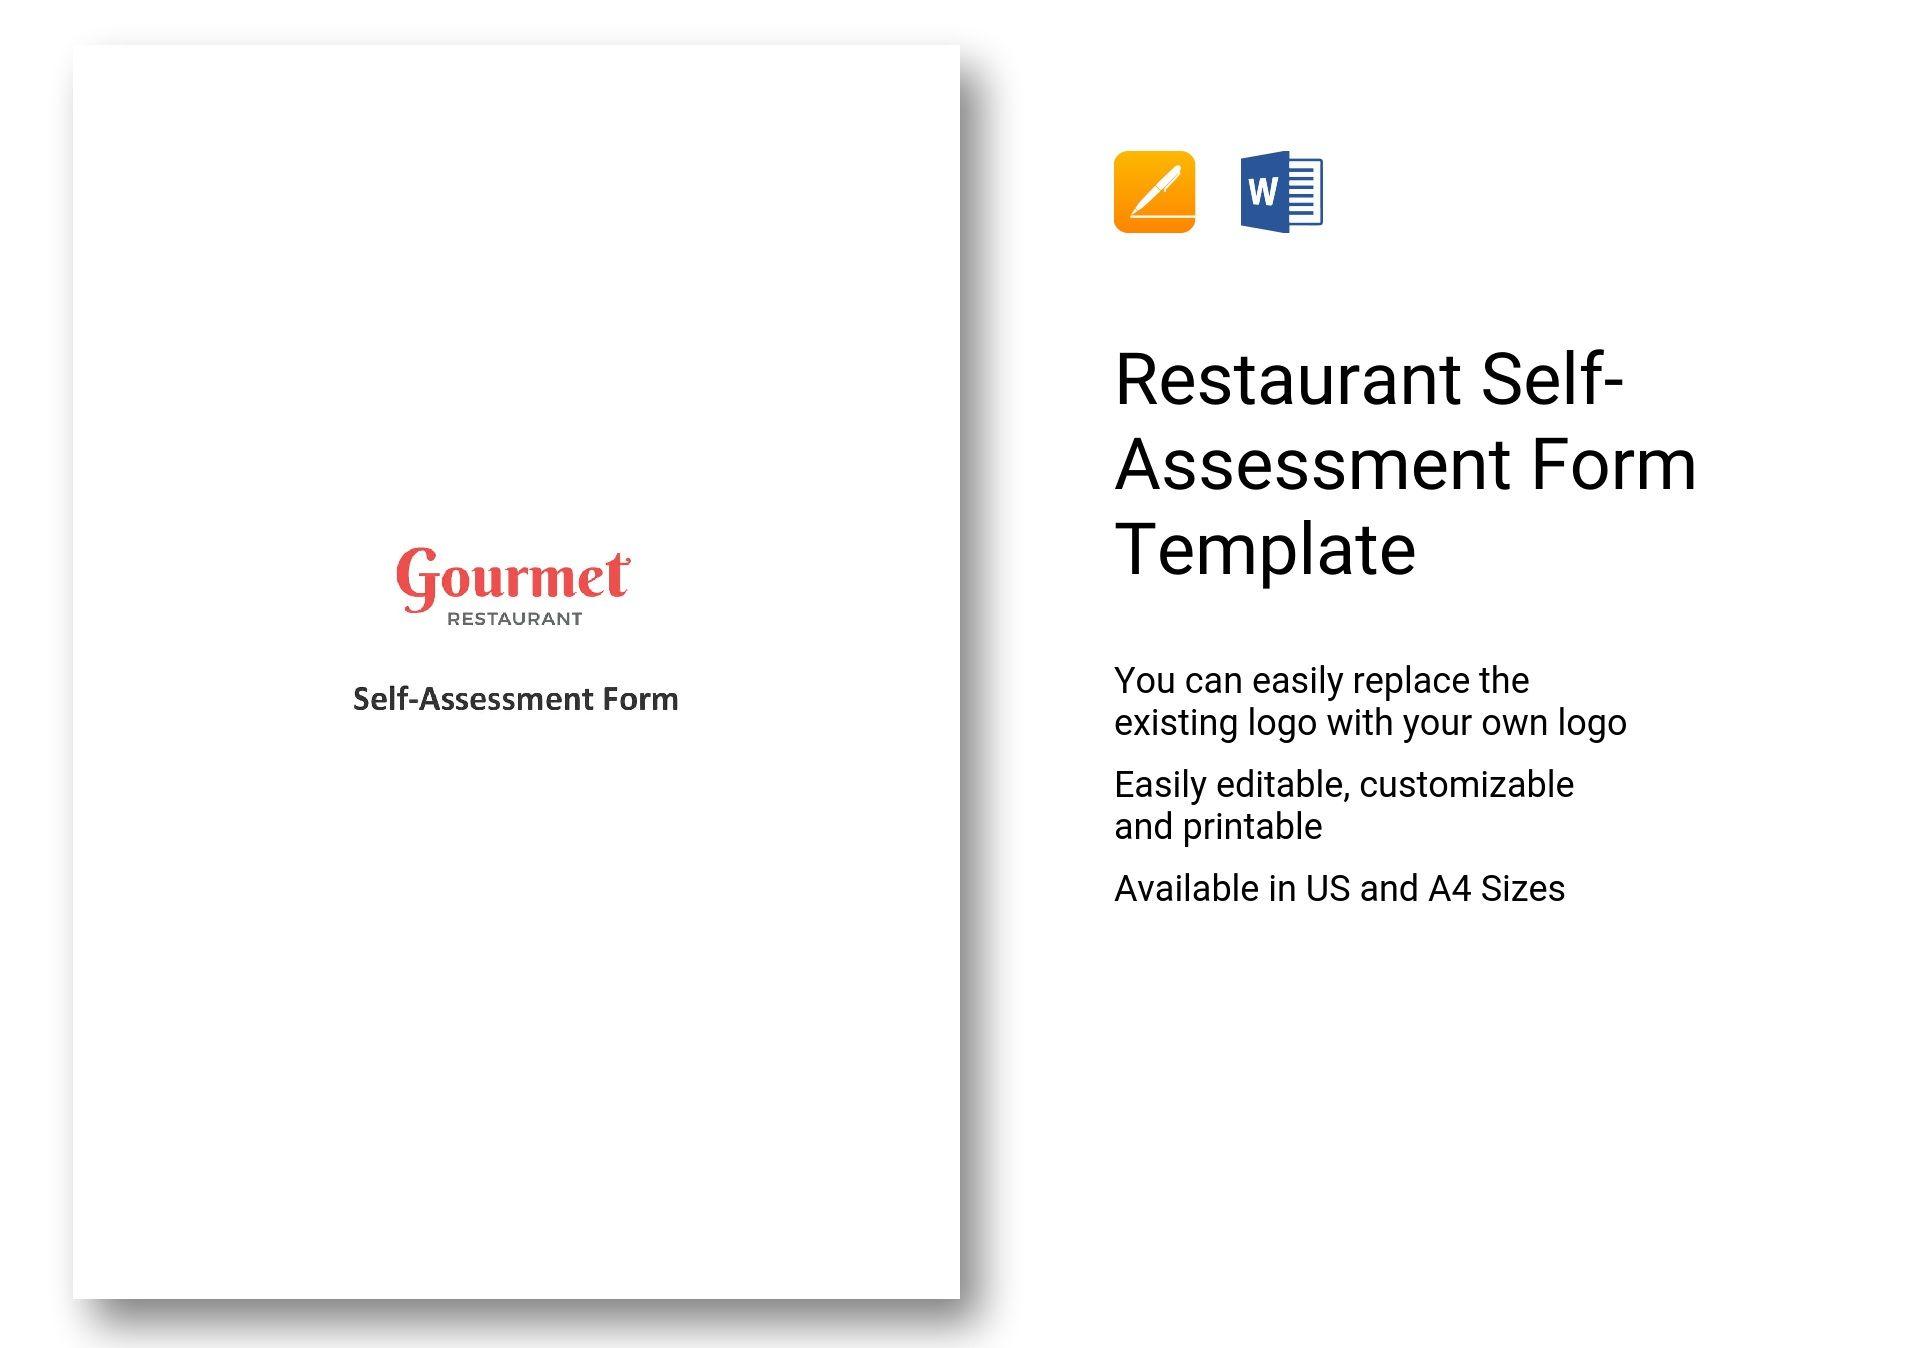 Restaurant Self-Assessment Form